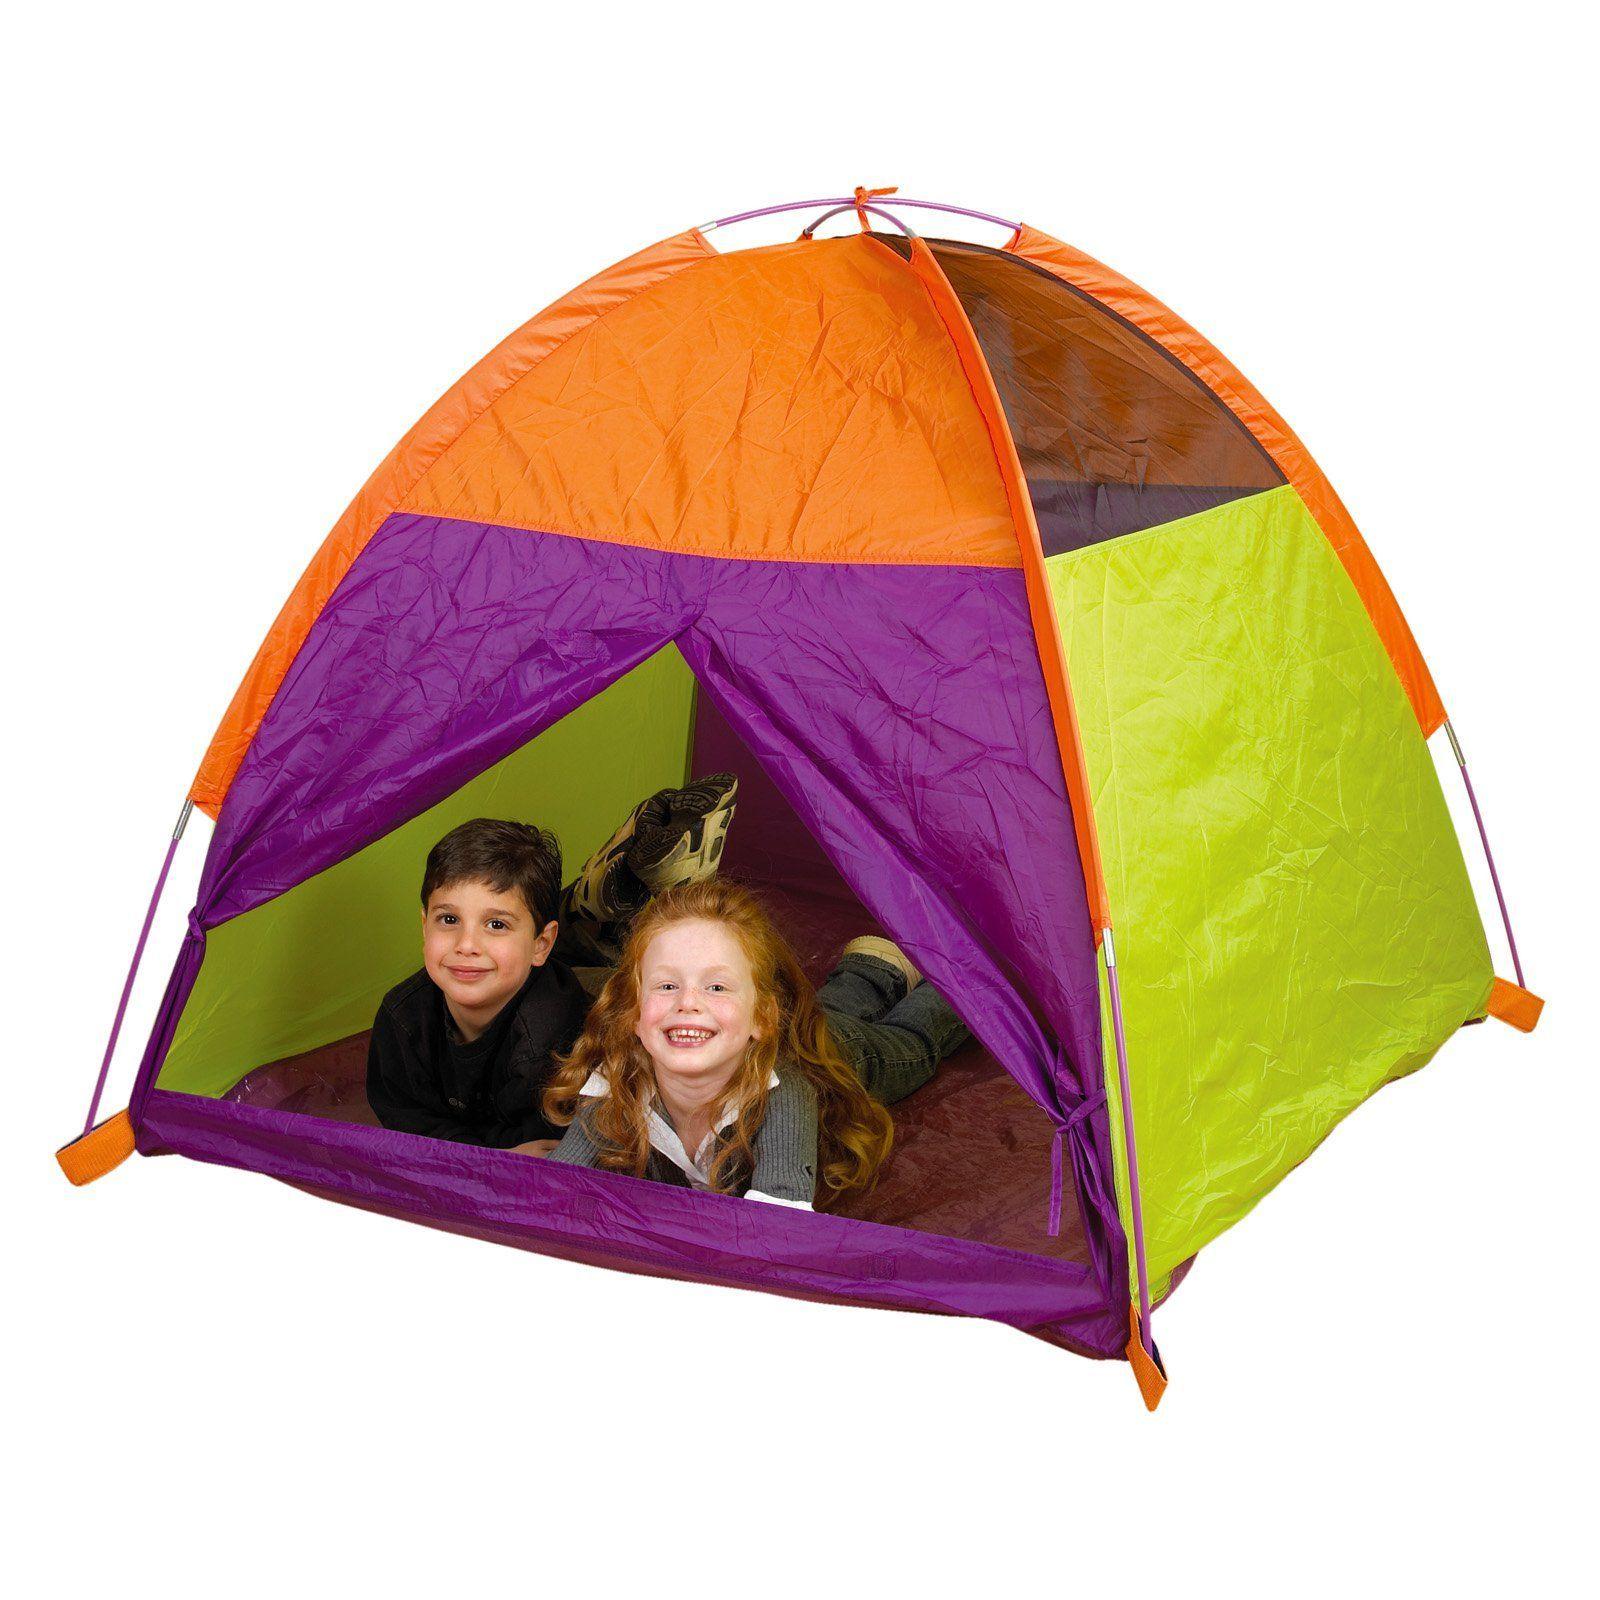 My Tent - 20205